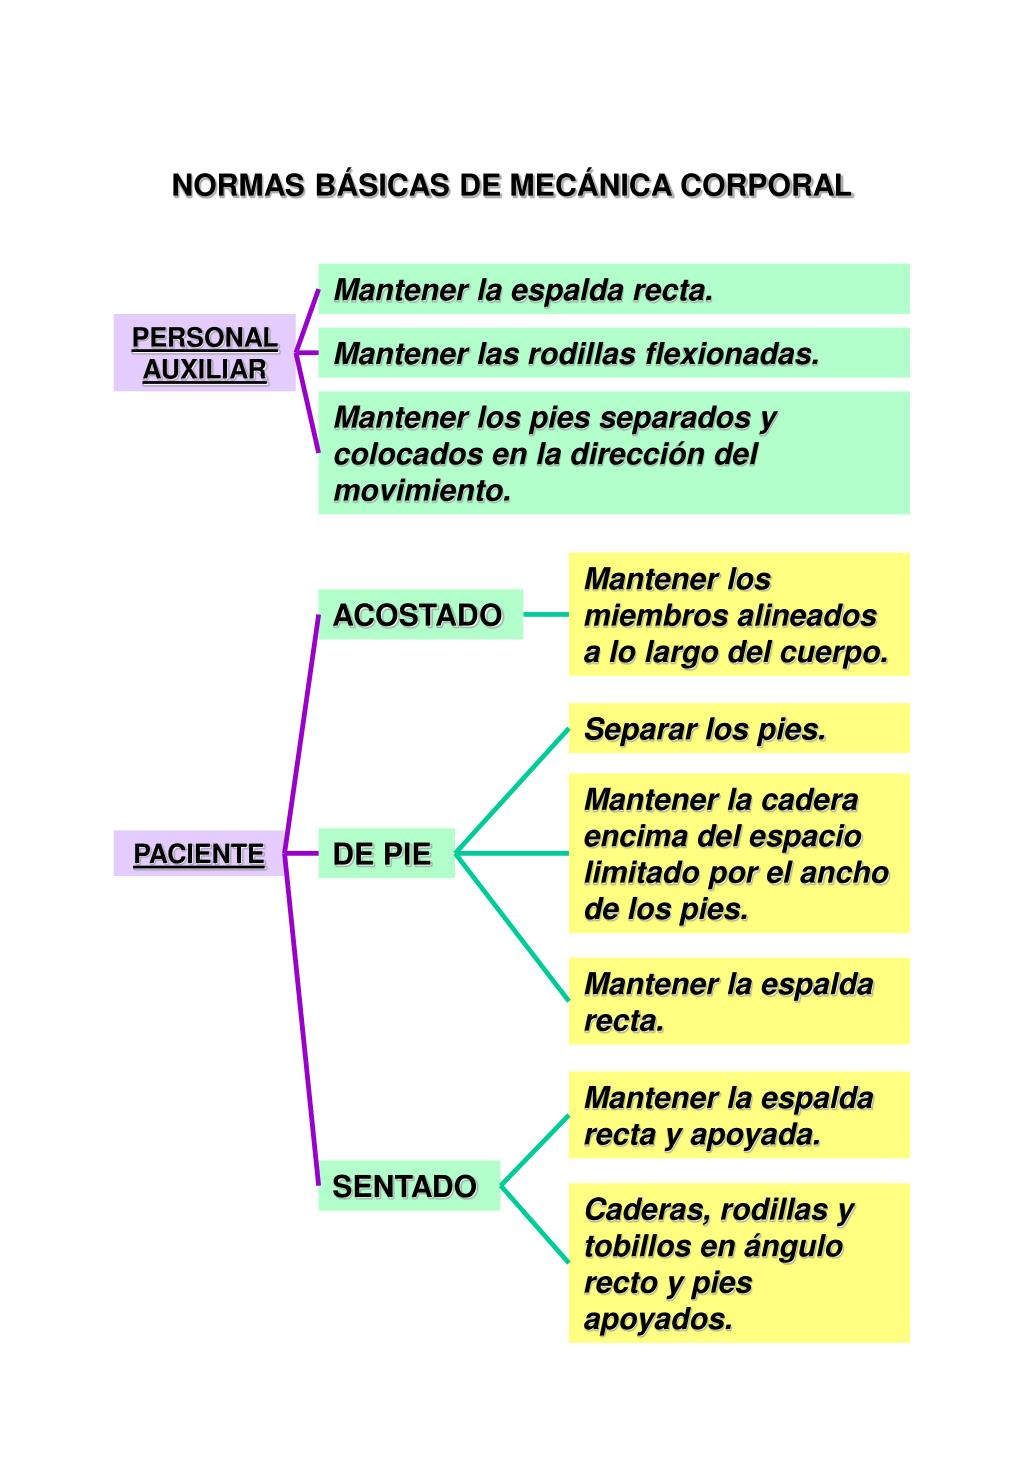 NORMAS BÁSICAS DE MECÁNICA CORPORAL